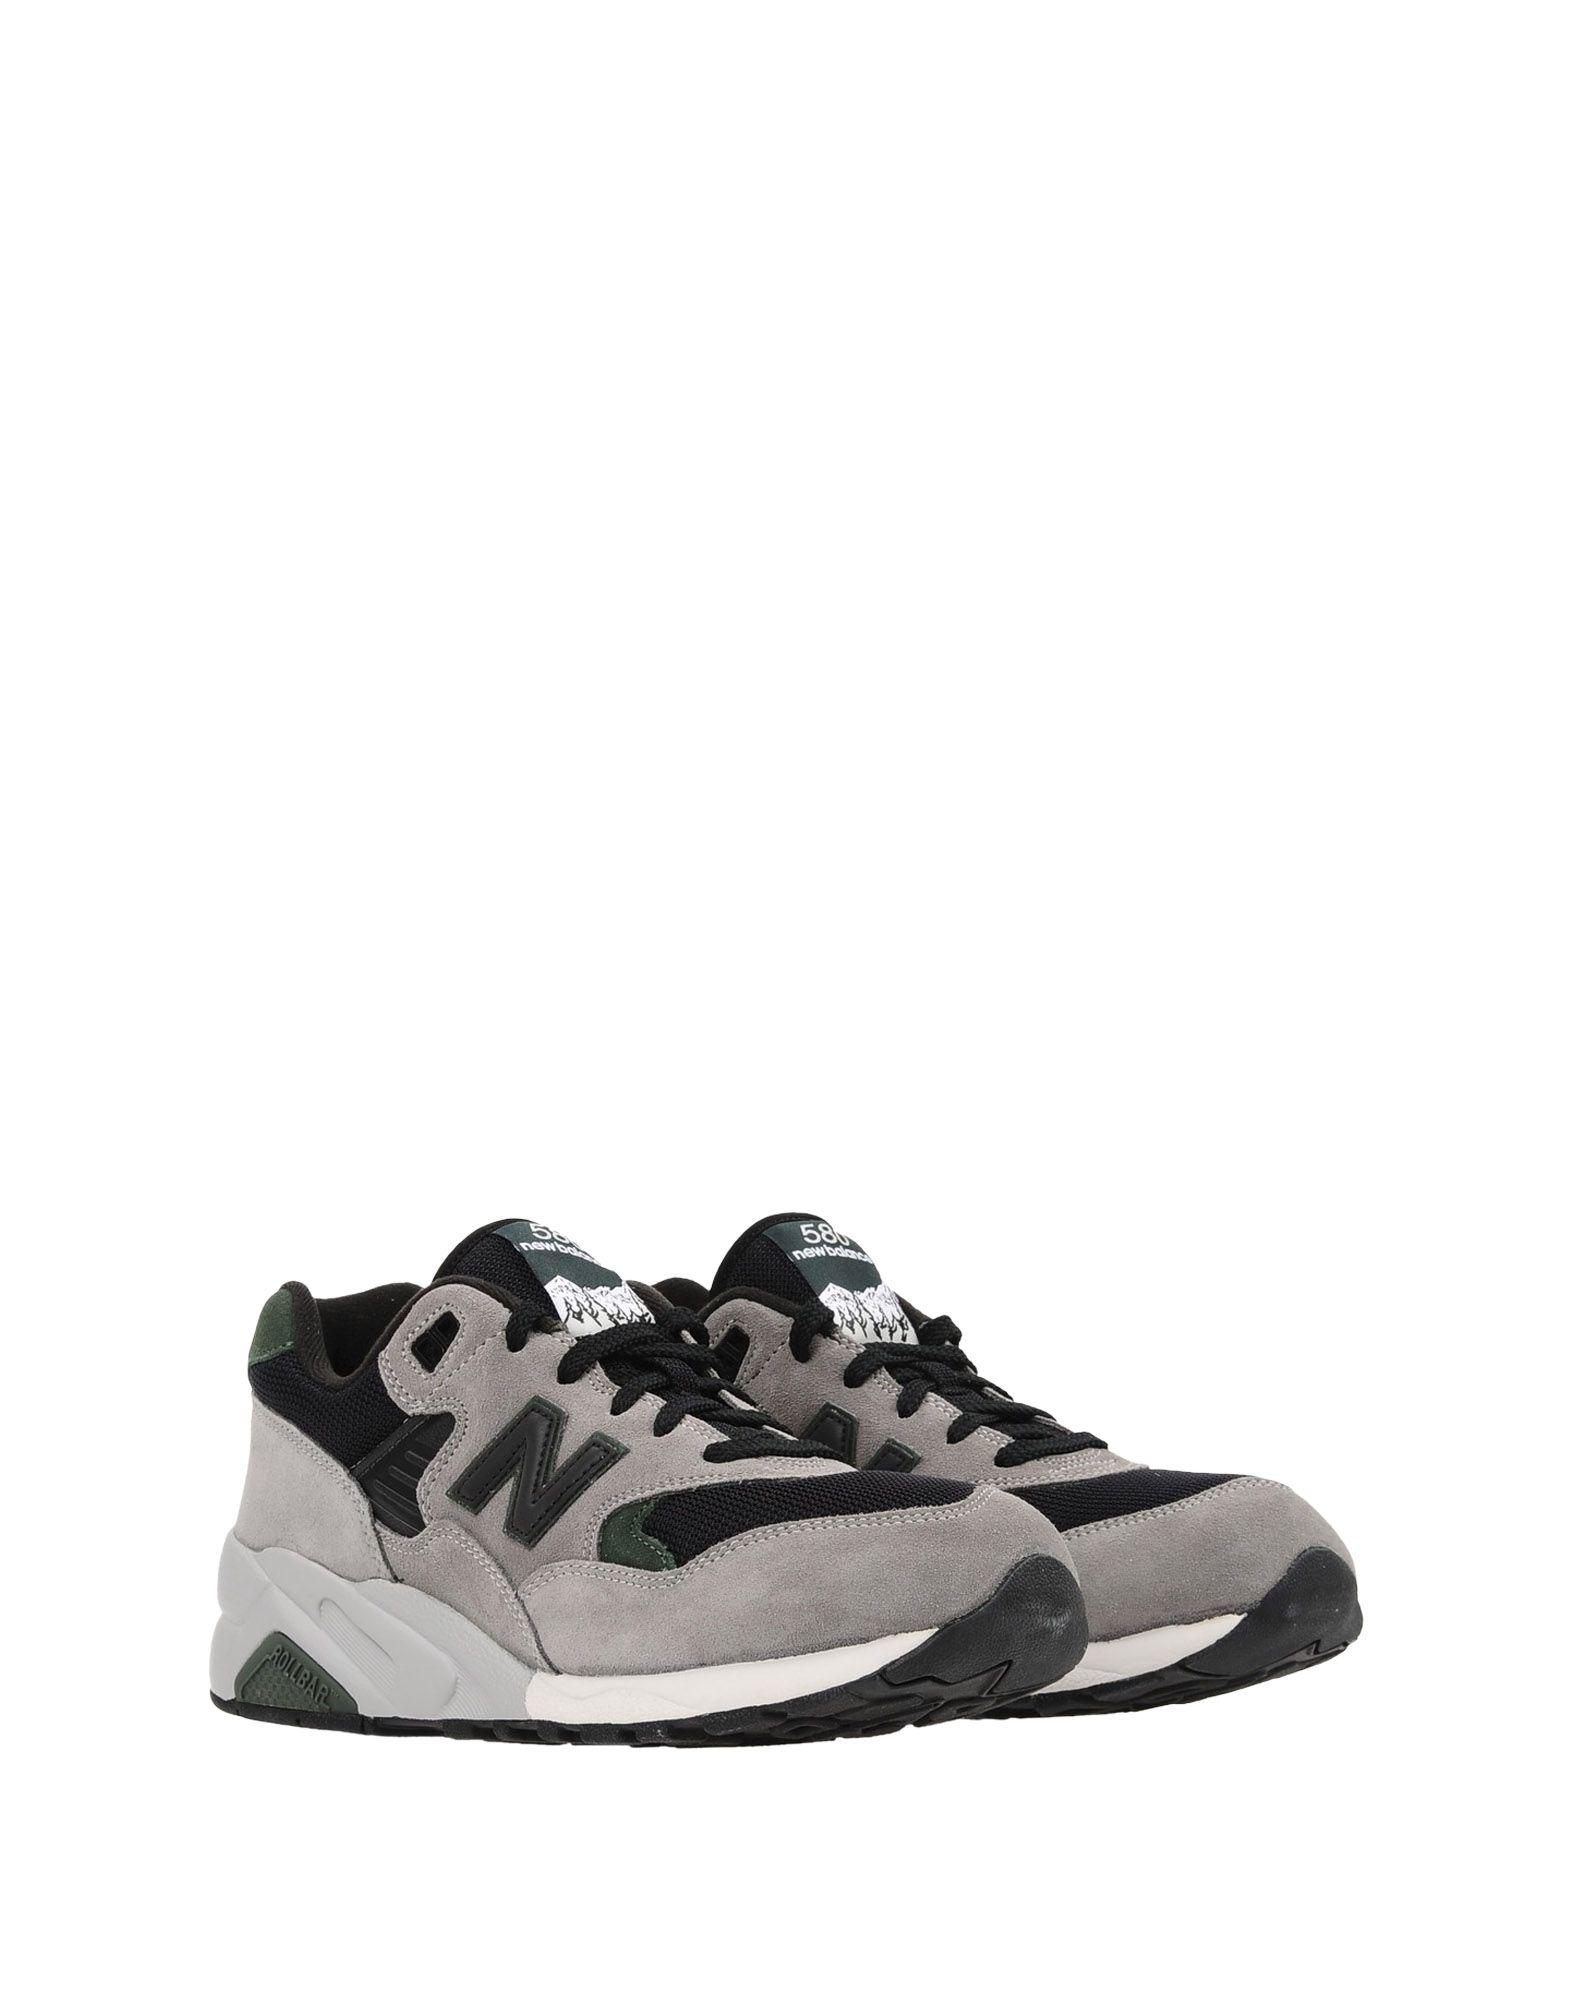 New Balance 580 Qualität Winter  11333452JV Gute Qualität 580 beliebte Schuhe 40abb7